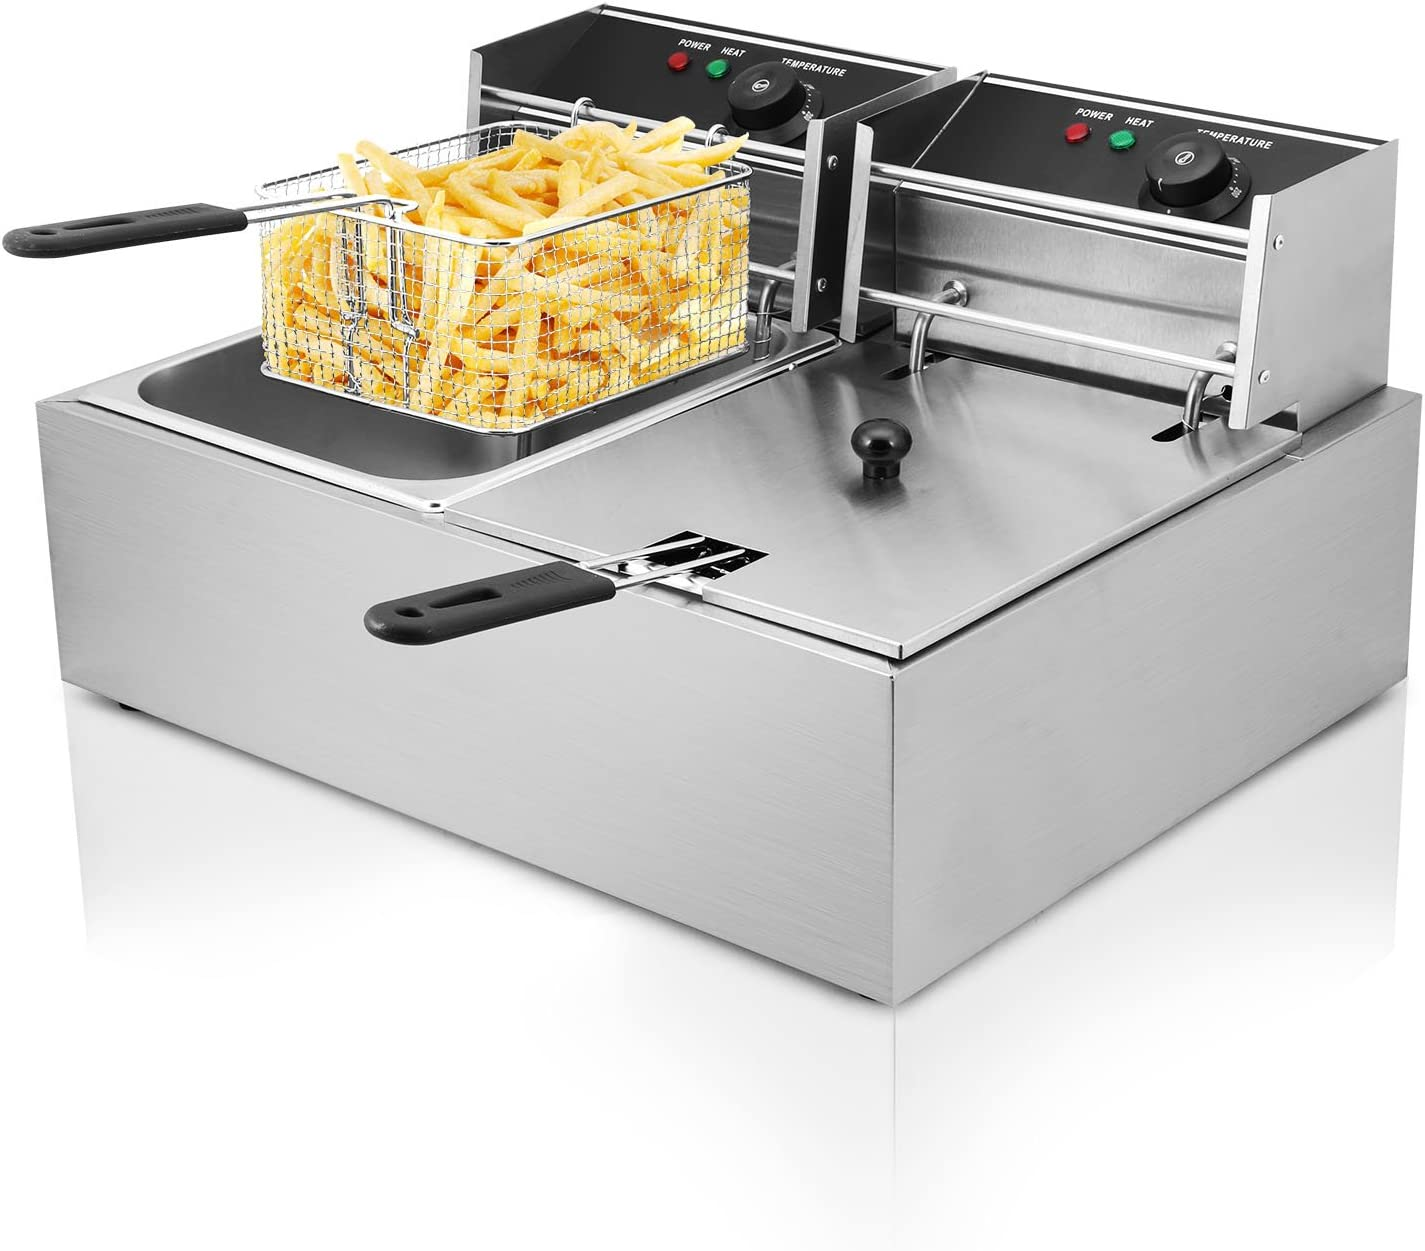 Autocompra Freidora Eléctrica 12L 5000W Freidora Industrial Acero Inoxidable para Patatas Fritas Deep Fryer Commercial ( 6L + 6L Tanque con accesorios )